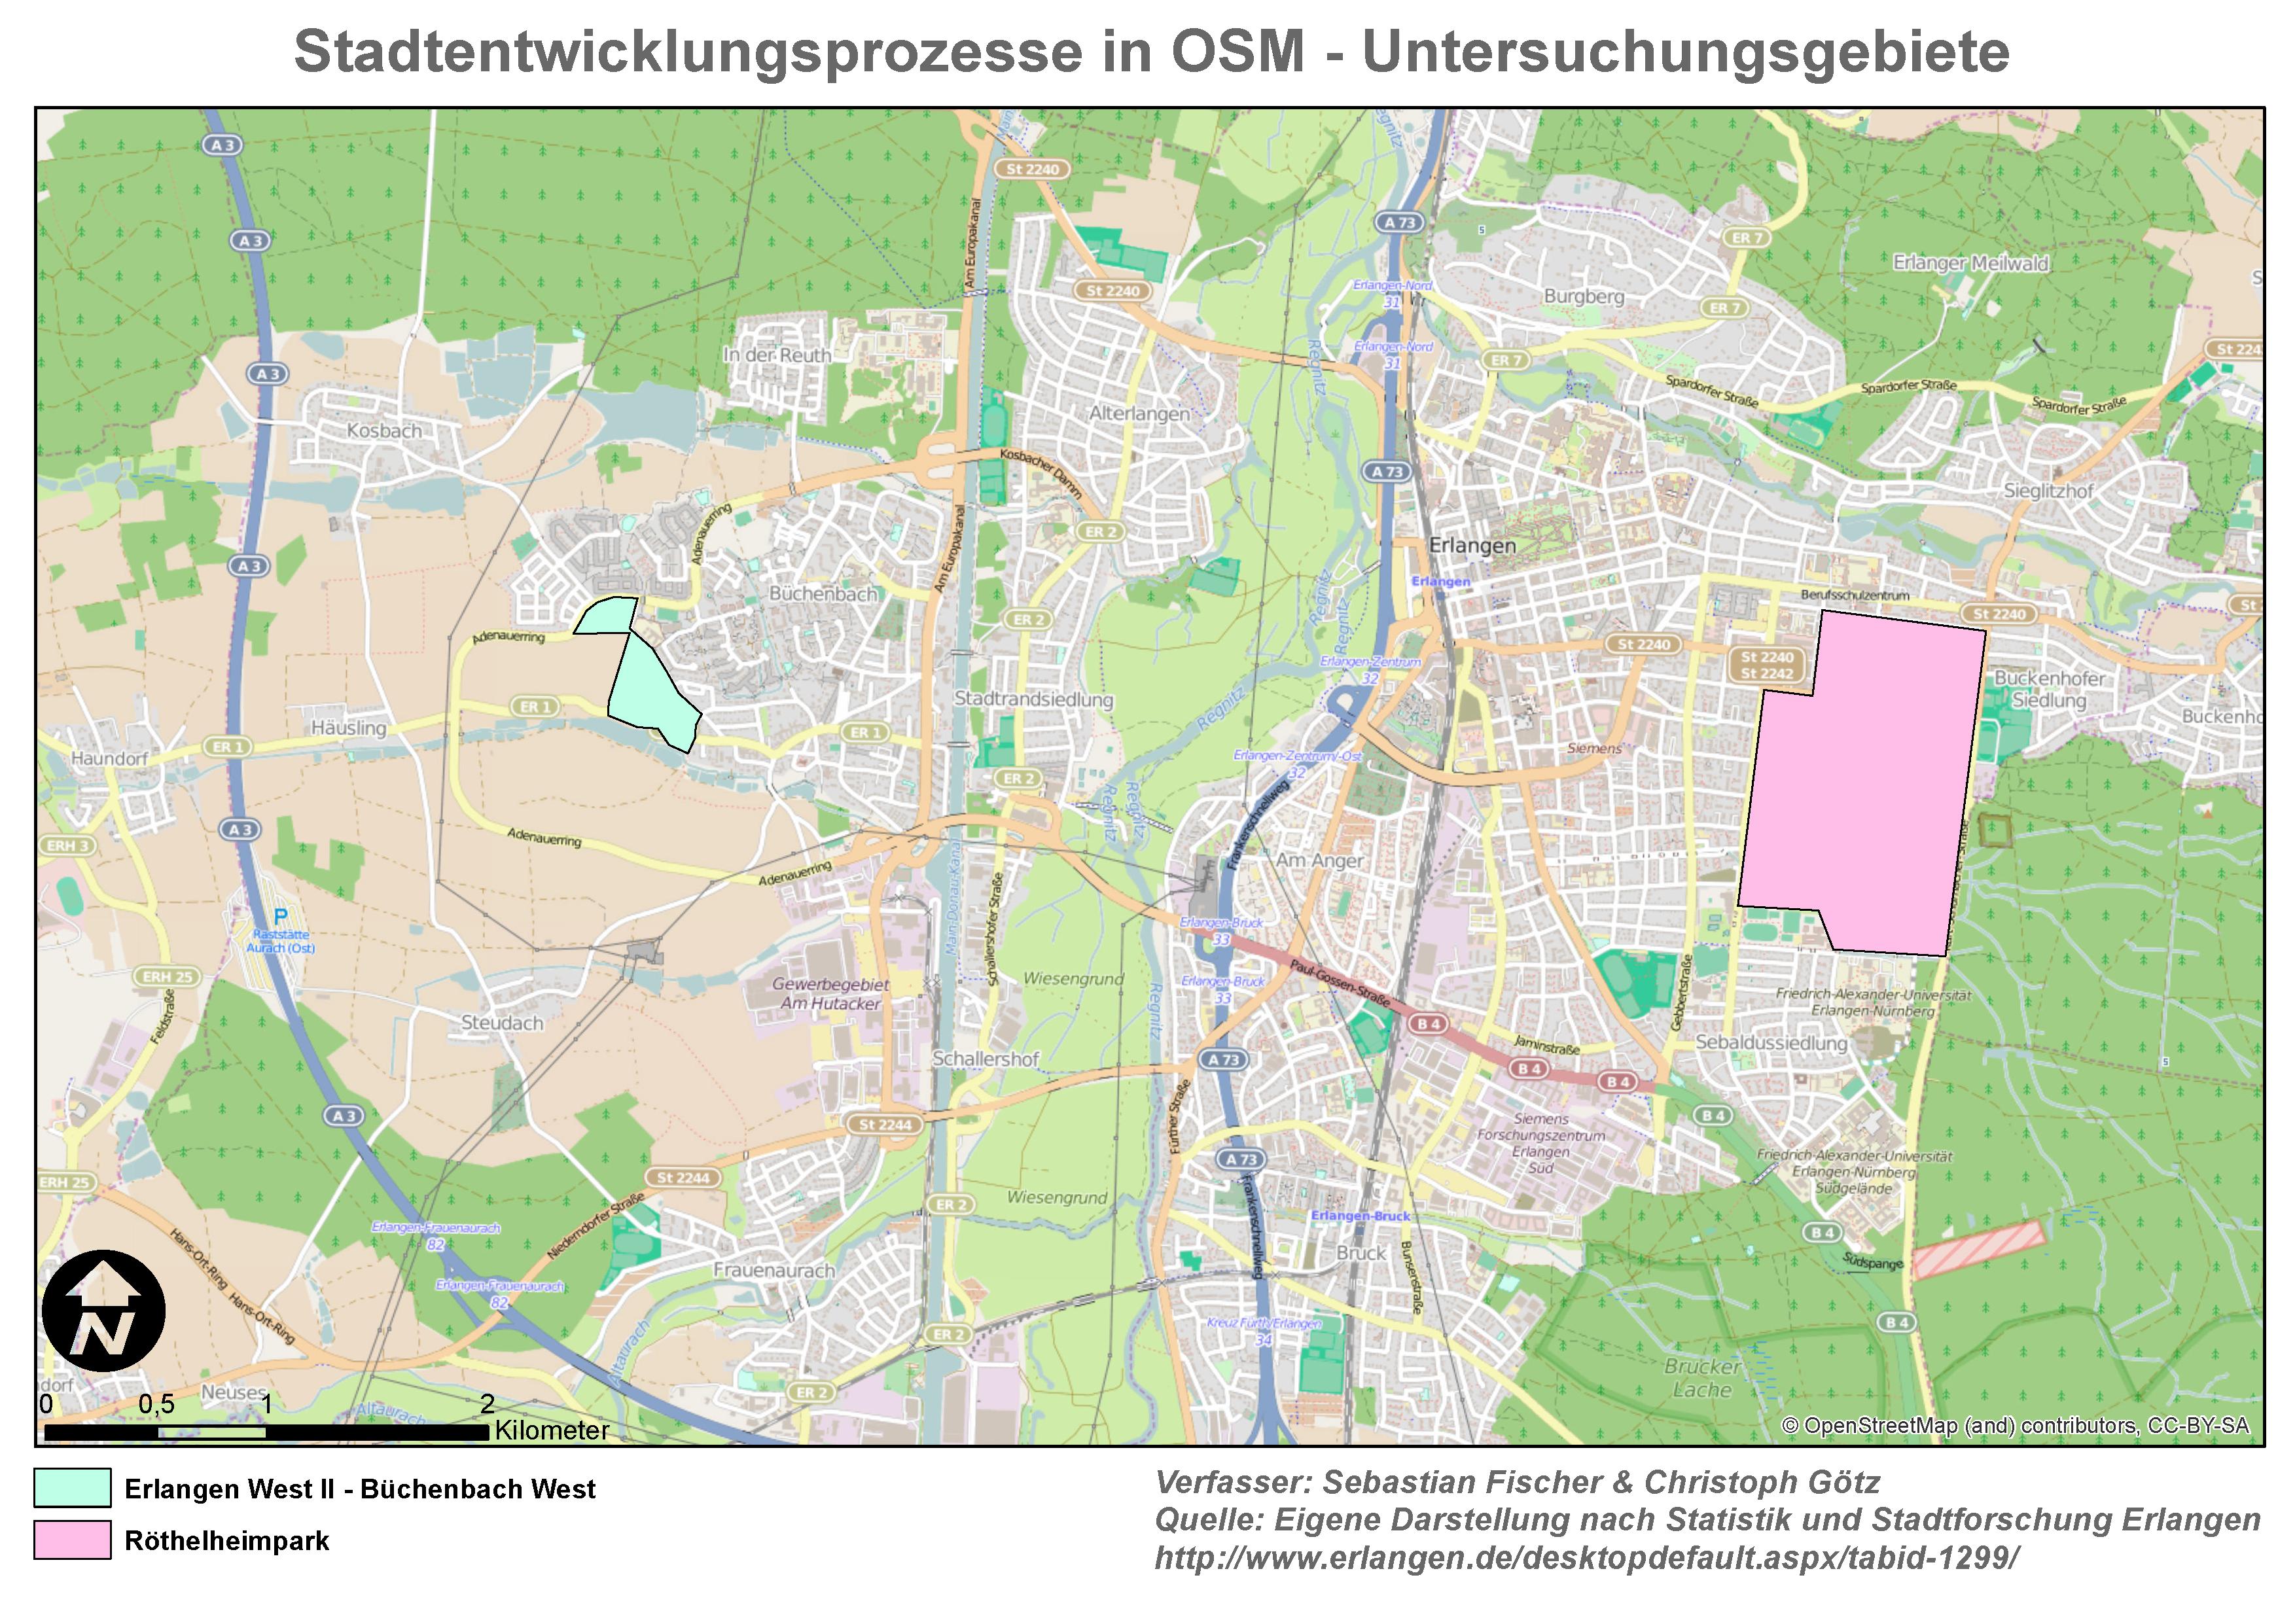 Stadtentwicklungsprozesse in OSM - Untersuchungsgebiete